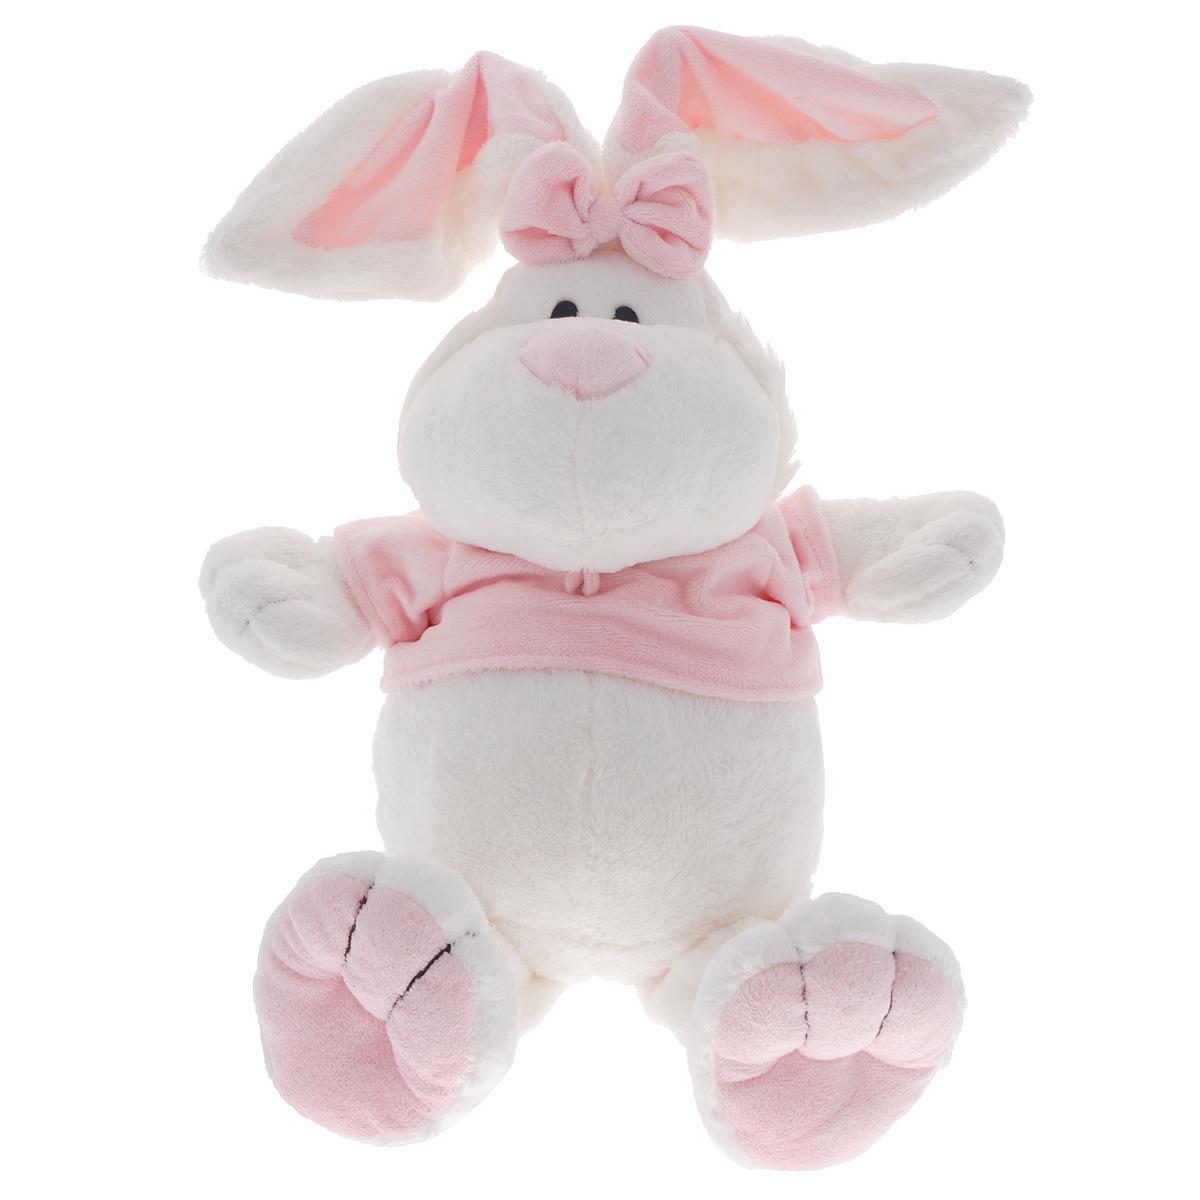 Мягкая игрушка Gulliver Кролик сидячий, 40 cм7-42229Мягкая игрушка Кролик сидячий - мягкий белоснежный питомец, который способен оживить скучные будни малыша. Кролик от Gulliver очень мягкий и практически невесомый, что позволит с ним никогда не расставаться, и он сможет стать ребенку хорошим другом. Мягкая игрушка выполнена очень реалистично и похожа на настоящее домашнее животное. У кролика довольно забавное радостное личико и добрые глаза, благодаря чему он войдет в доверие малыша, который будет с ним делиться своими самыми сокровенными тайнами. Даже при том, что игрушка белого цвета, можно не бояться ее запачкать, ведь она без усилий отстирается ручной стиркой или в машине-автомат в деликатном режиме. В процессе игры малыши фантазируют, образно мыслят, выдумывая разнообразные игровые роли, напрягают память, вспоминая особенности жизнедеятельности животного, у детей развивается моторика рук и тактильное восприятие, поднимается настроение и развеиваются страхи. Мягкие игрушки Gulliver действуют позитивно...